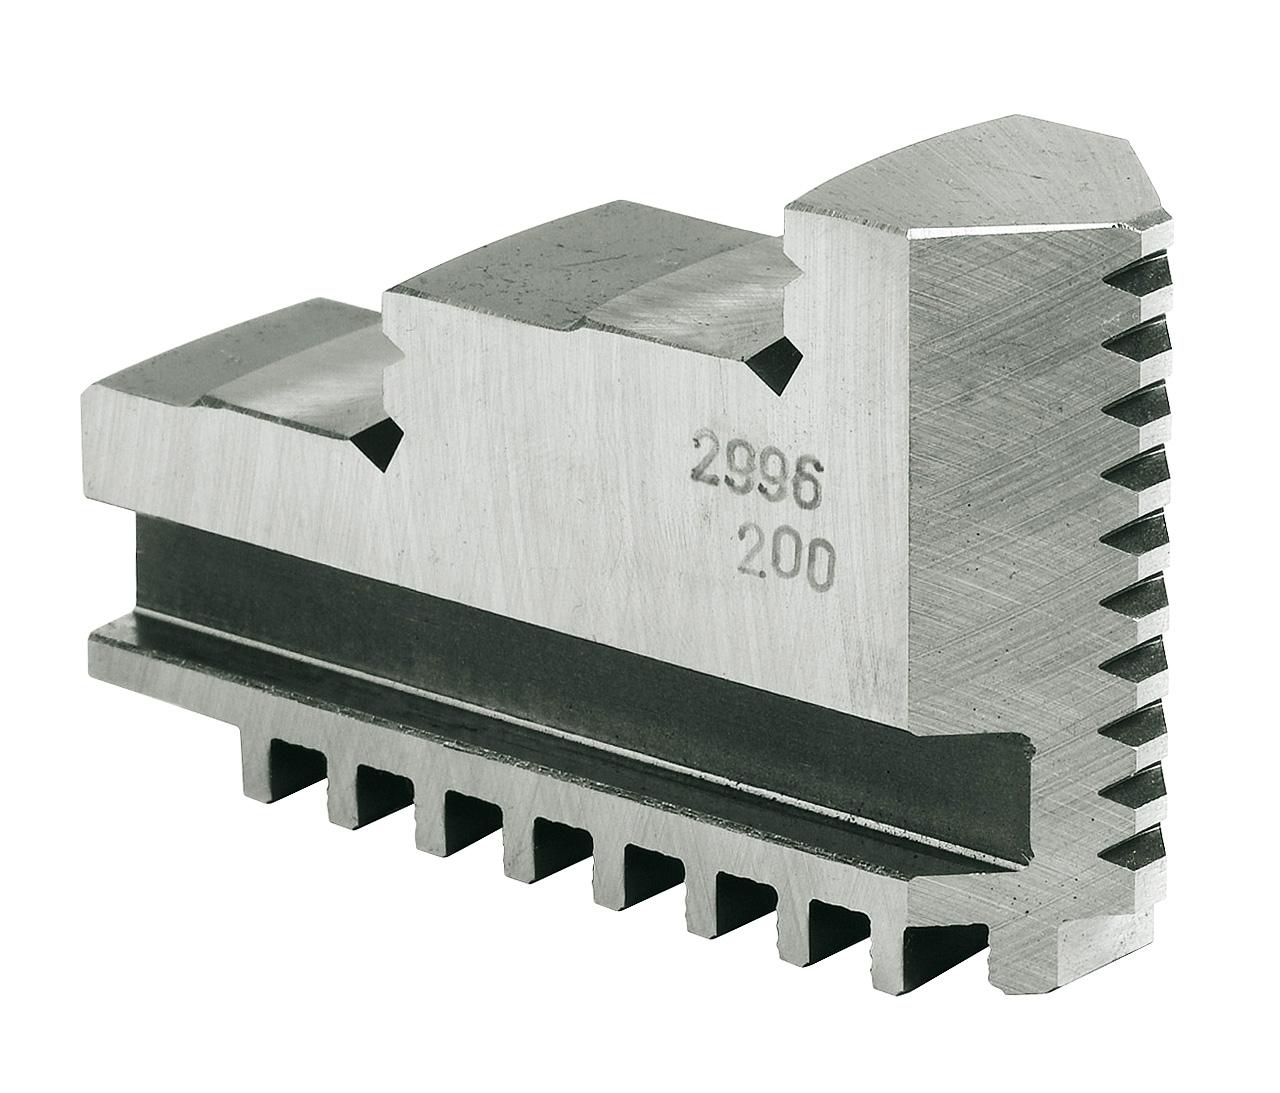 Szczęki jednolite twarde zewnętrzne - komplet OJ-PS3-315 BERNARDO